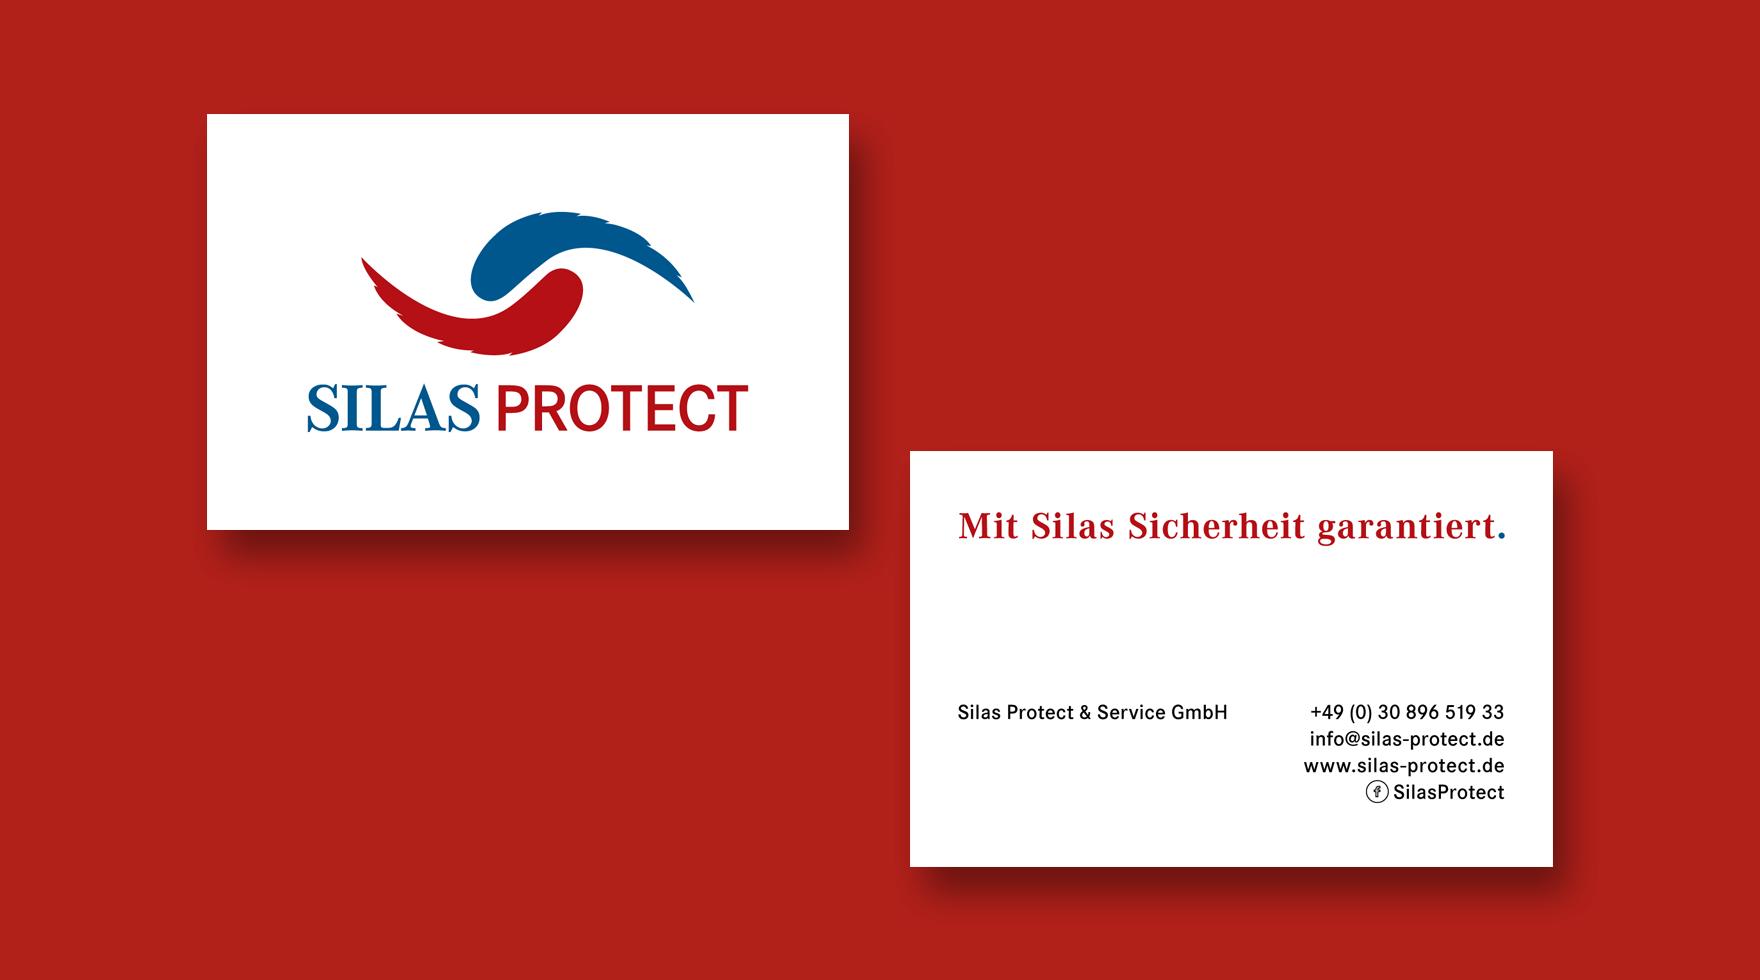 corporate-design-silas-protect-berlin-agentur